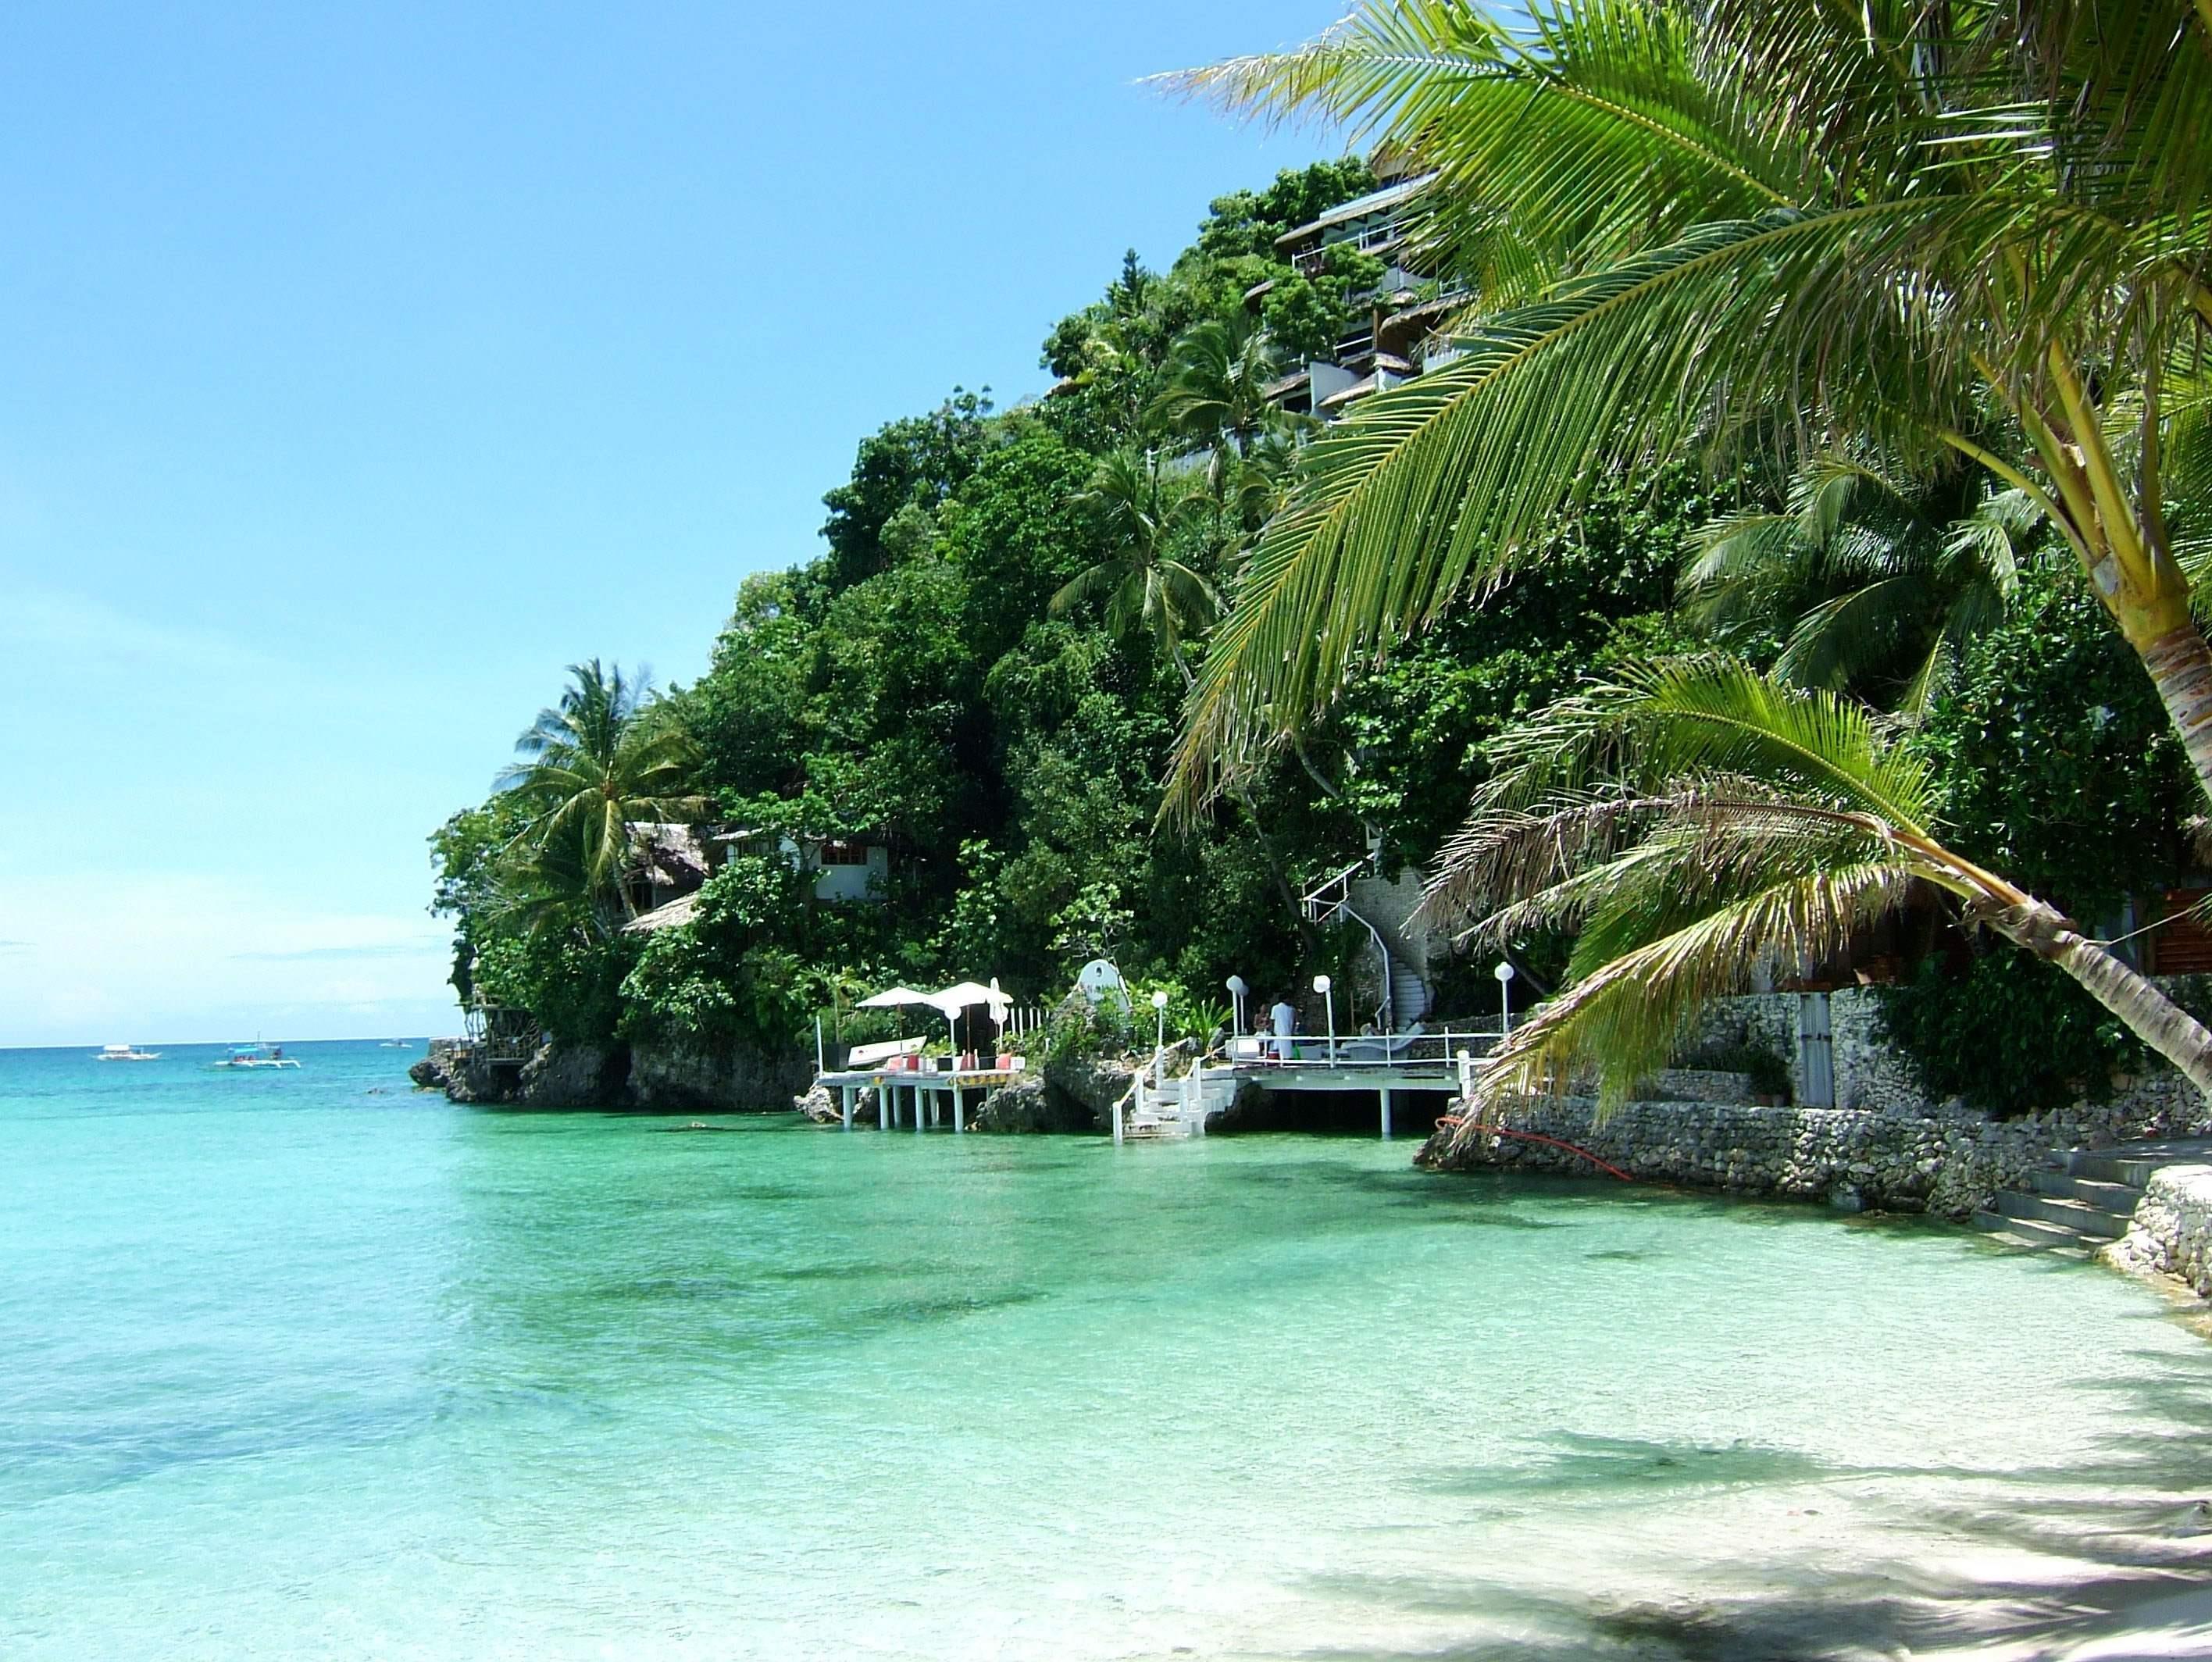 Philippines_Luzon_island